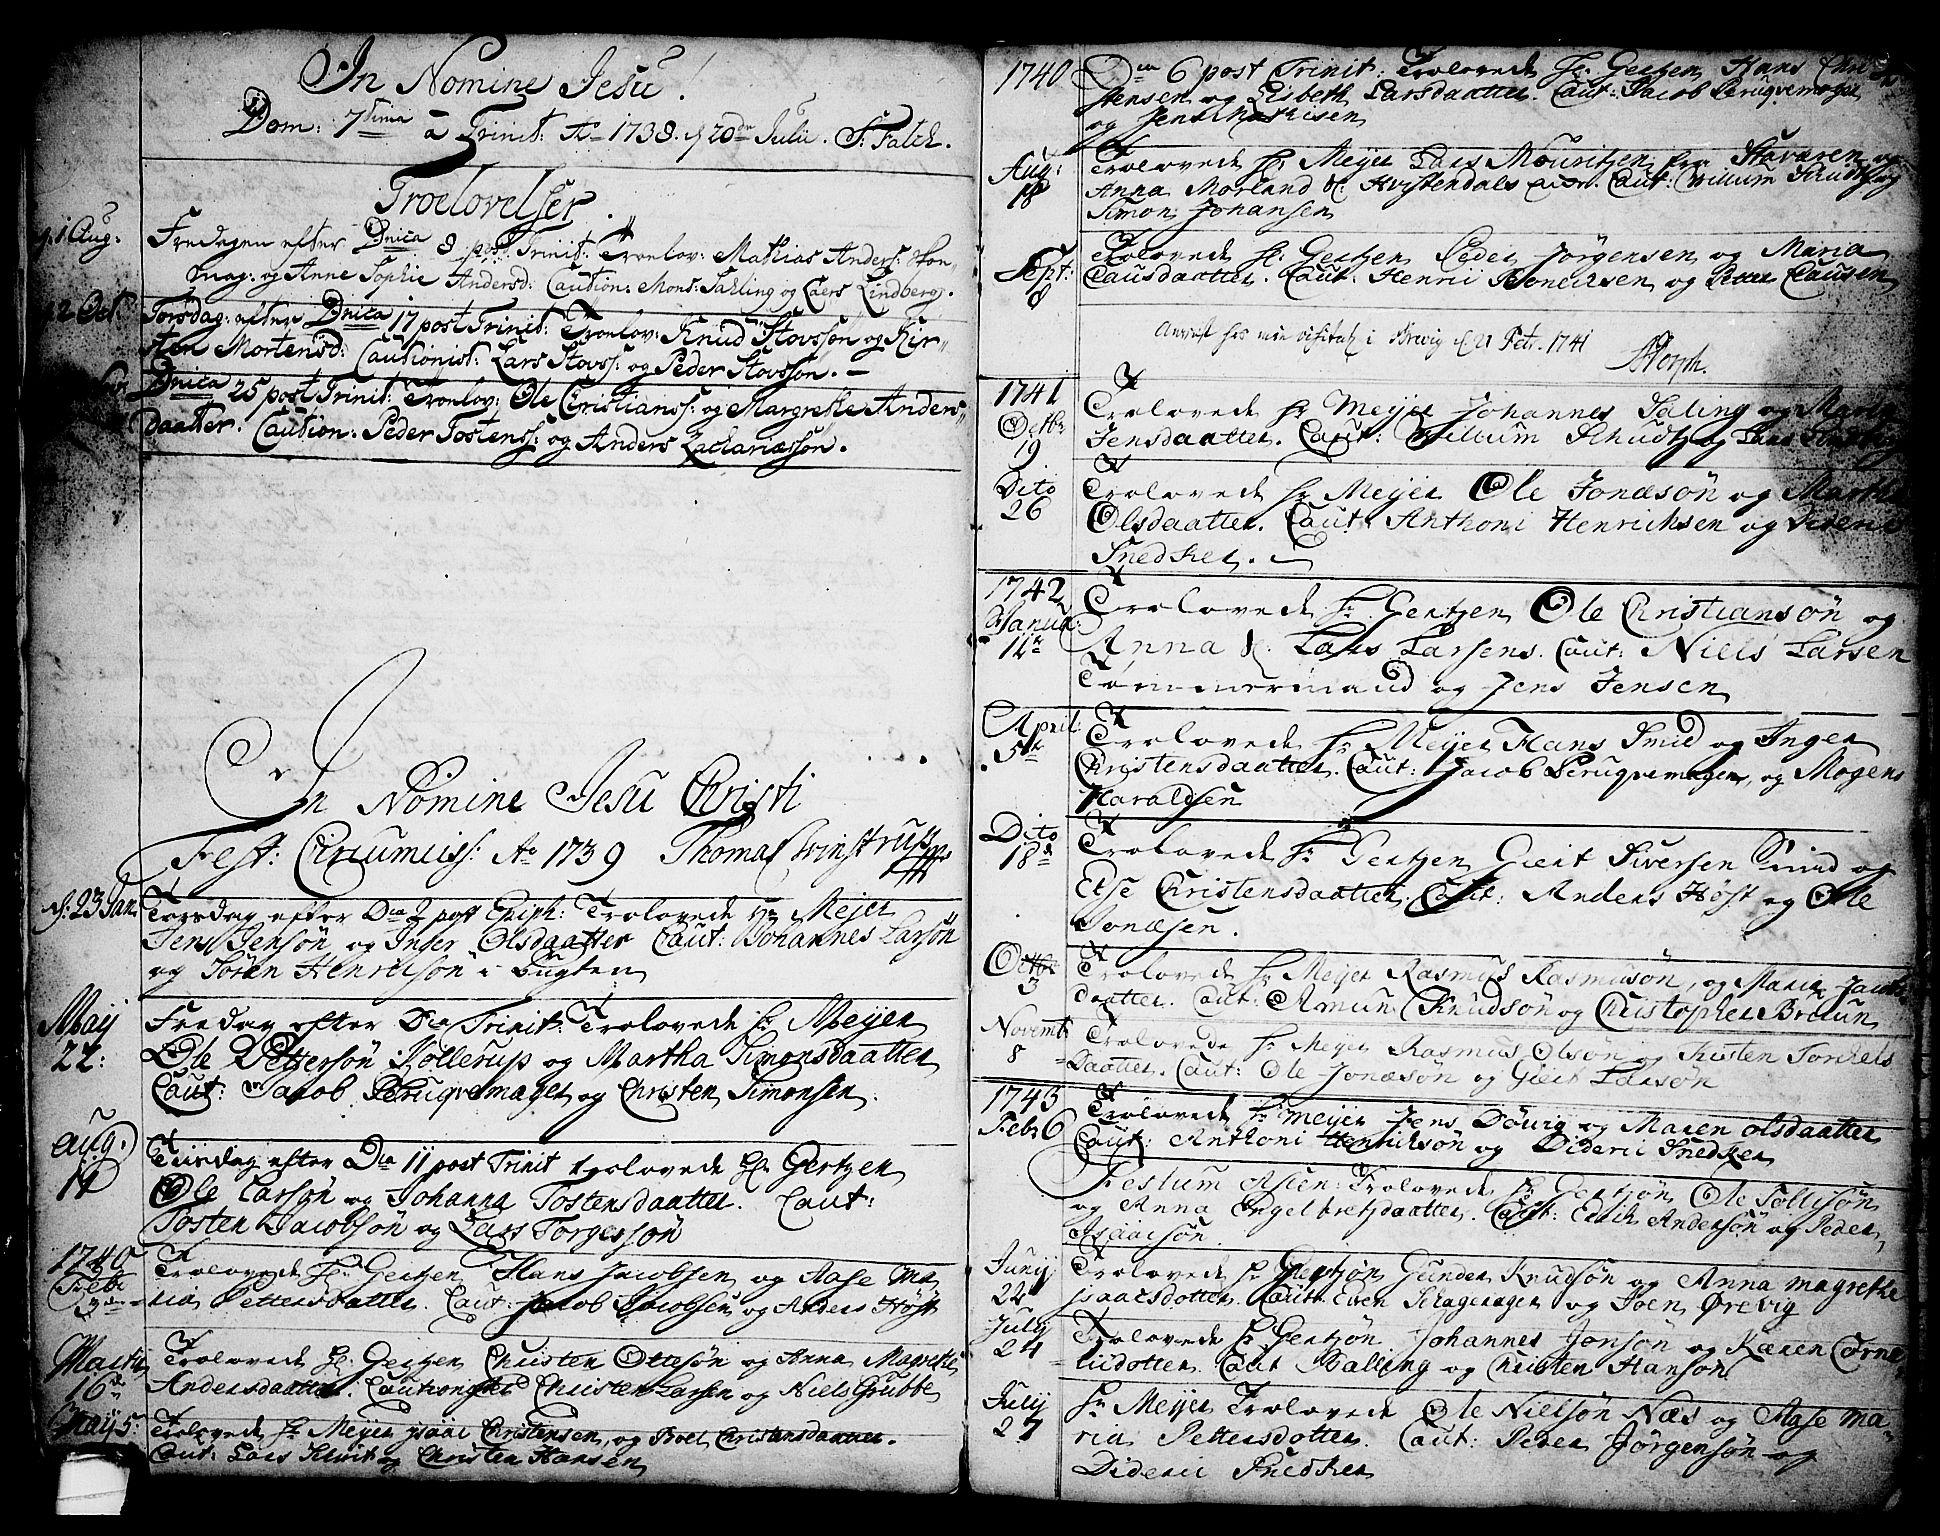 SAKO, Brevik kirkebøker, F/Fa/L0002: Ministerialbok nr. 2, 1720-1764, s. 4